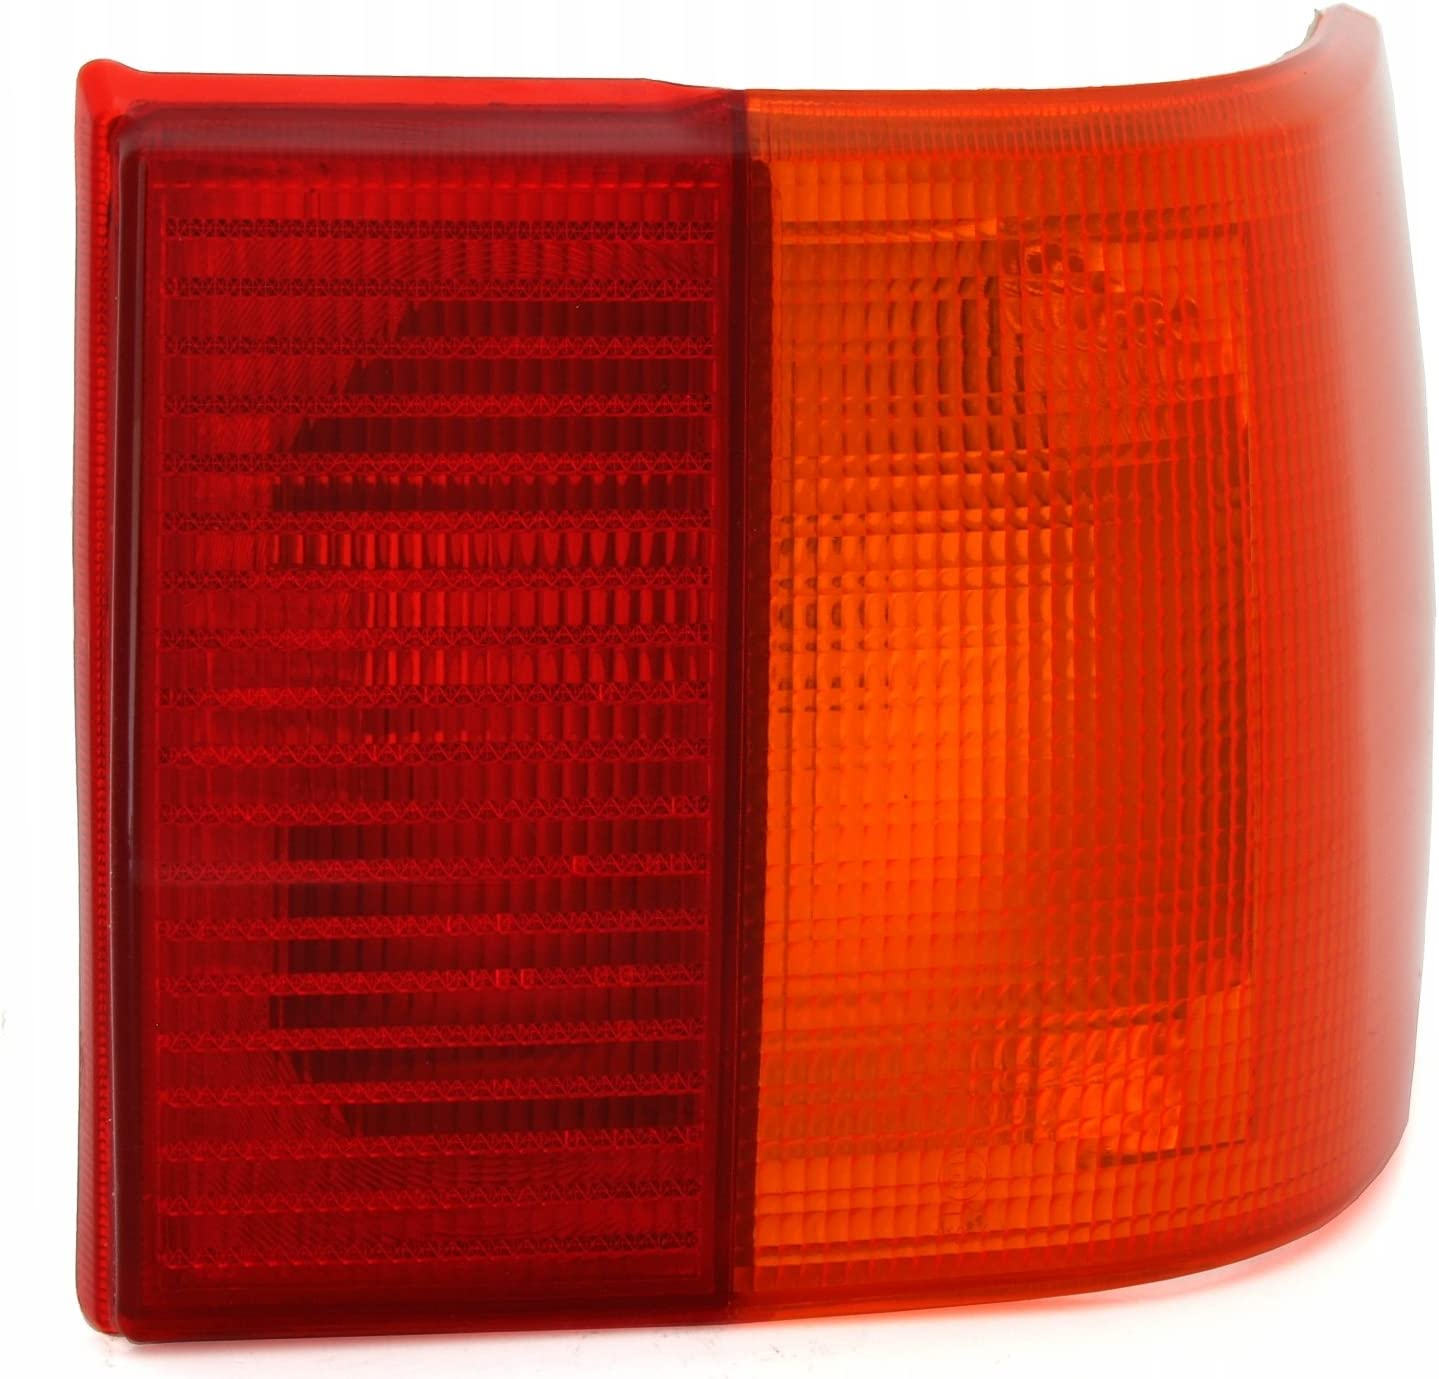 Ad Tuning Depo Rücklicht Rot Gelb Rechte Seite Beifahrerseite Rückleuchte Heckleuchte Auto